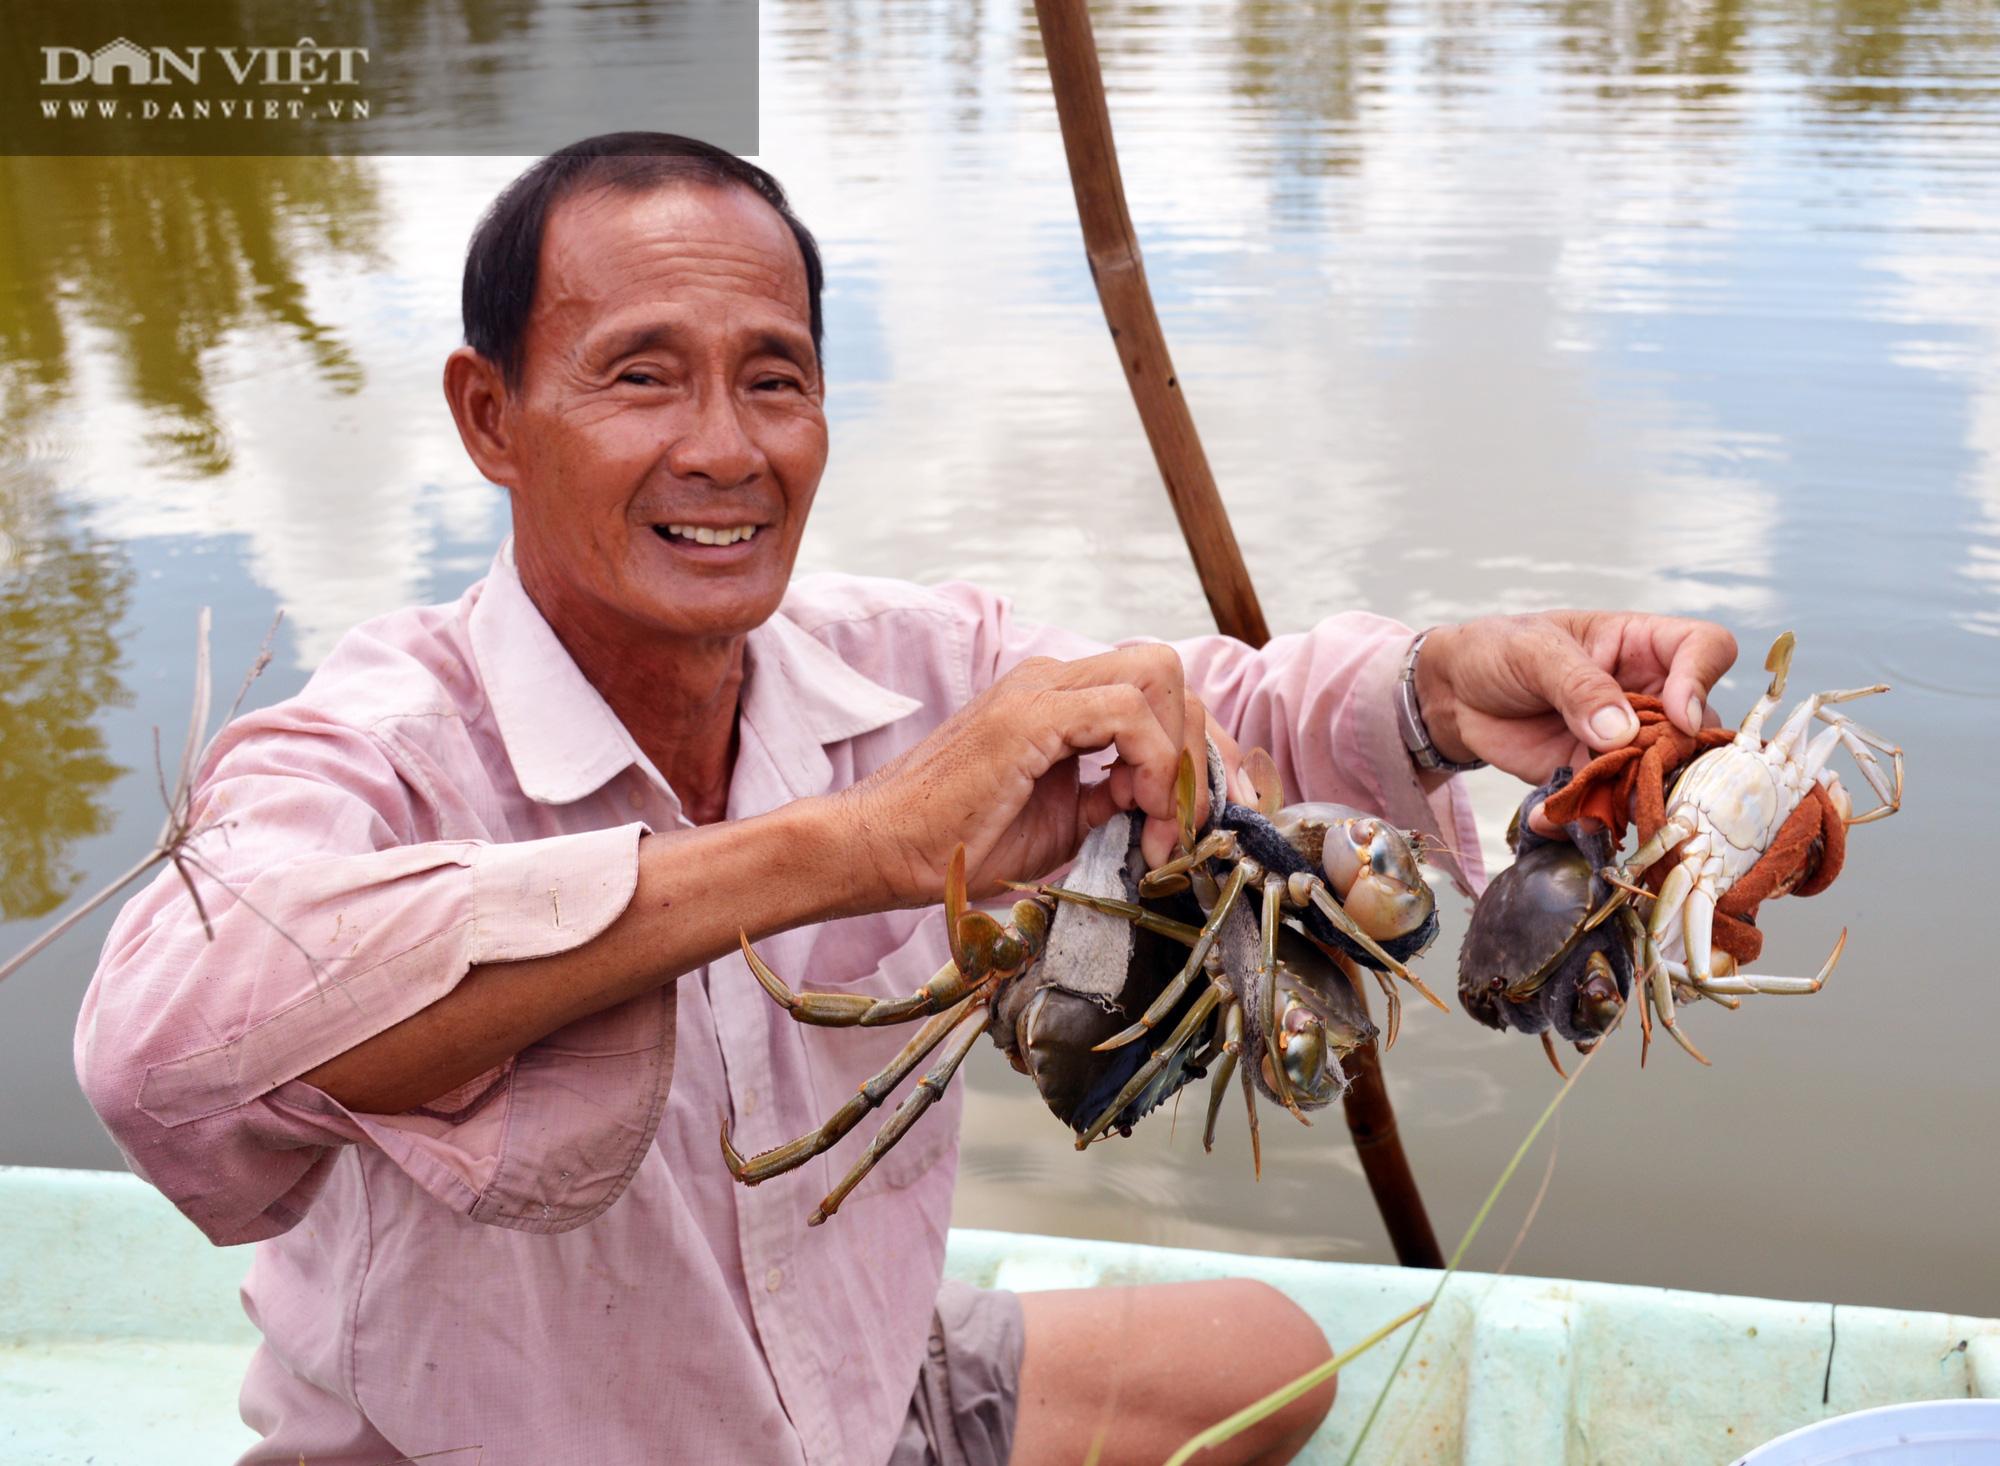 Cua Năm Căn và lẩu mắm U Minh Cà Mau lọt top 100 món ăn đặc sản Việt Nam - Ảnh 2.